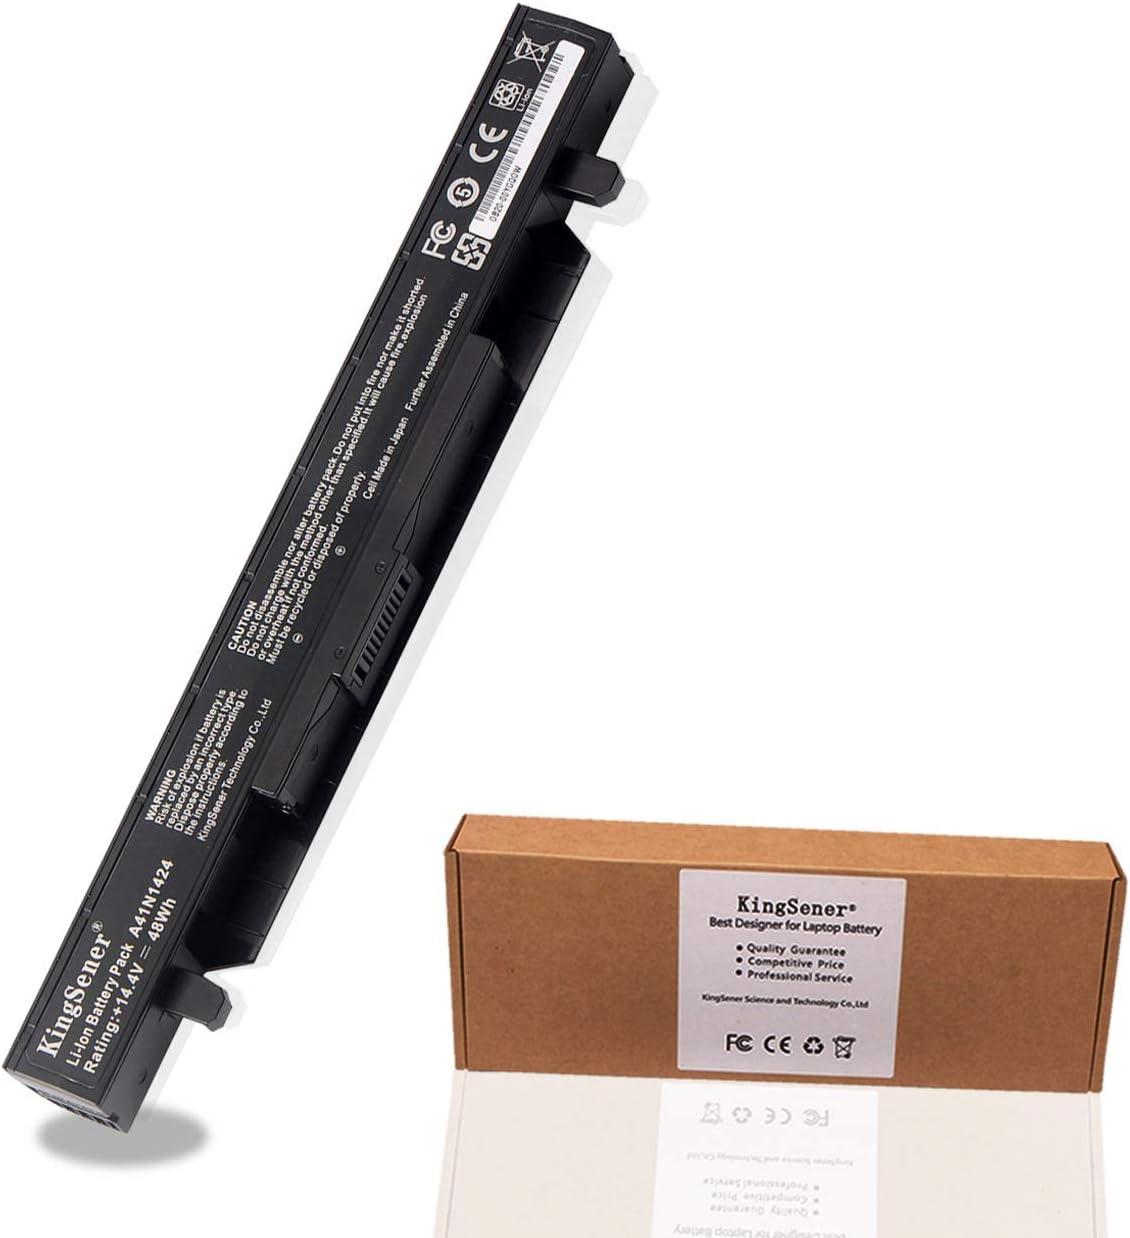 KingSener A41N1424 Laptop Battery for ASUS ASUS (ROG) GL552 GL552V GL552VW GL552J GL552JX ZX50V ZX50VW ZX50JX X50J ZX50 JX4200 JX4720 FX-Plus FX-PRO 6300 6700 14.4V 48WH